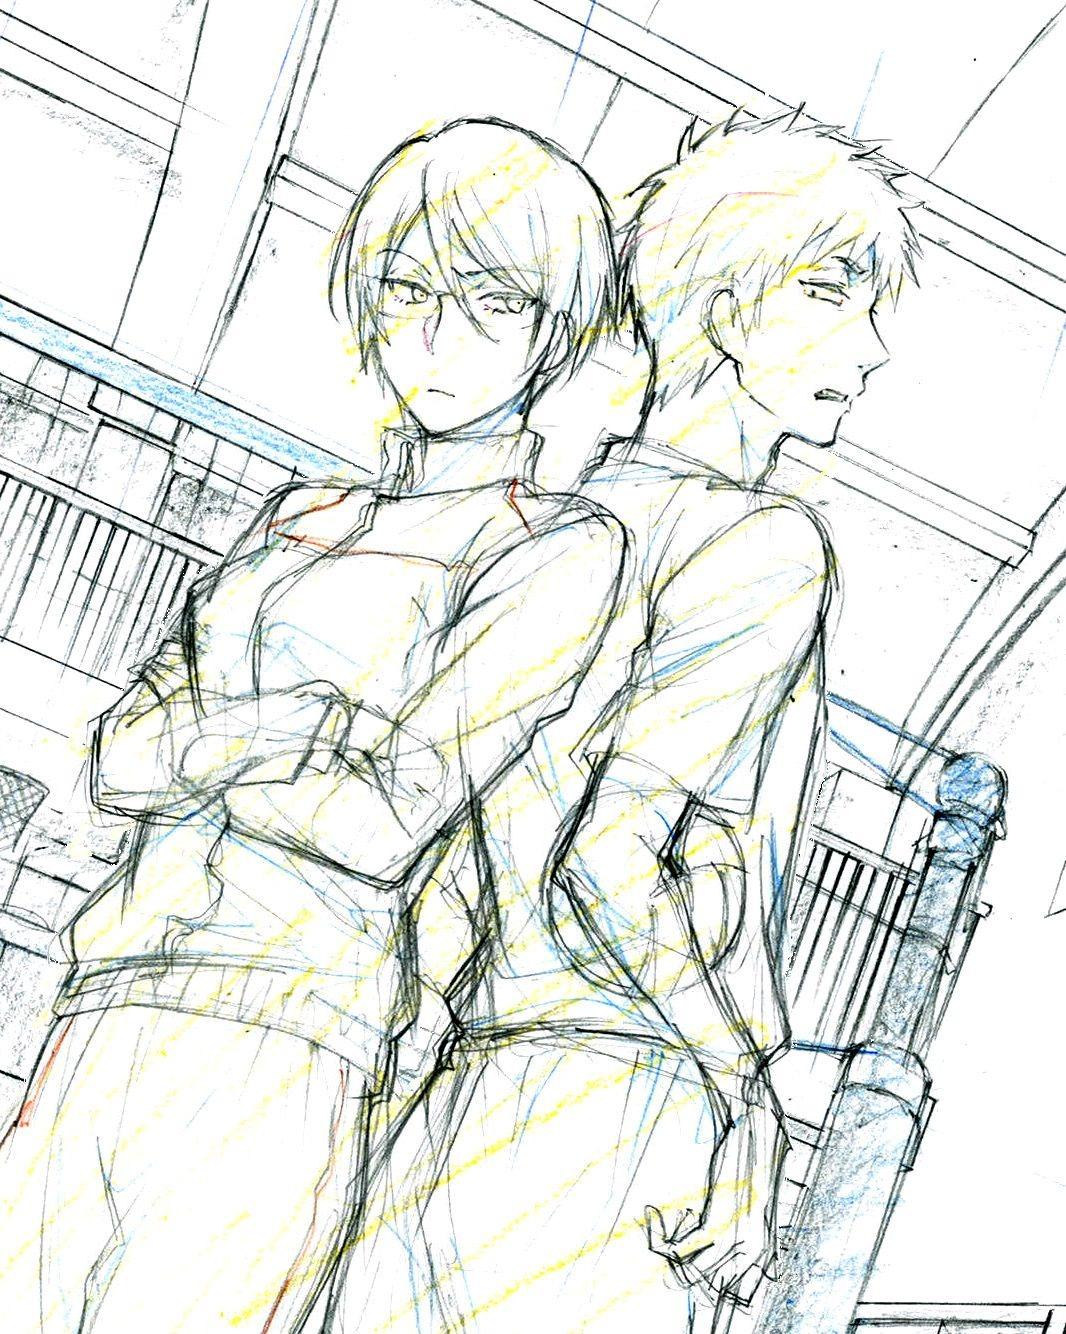 ヲタ恋」小柳&樺倉の高校時代をアニメ化!コミック7巻特装版の